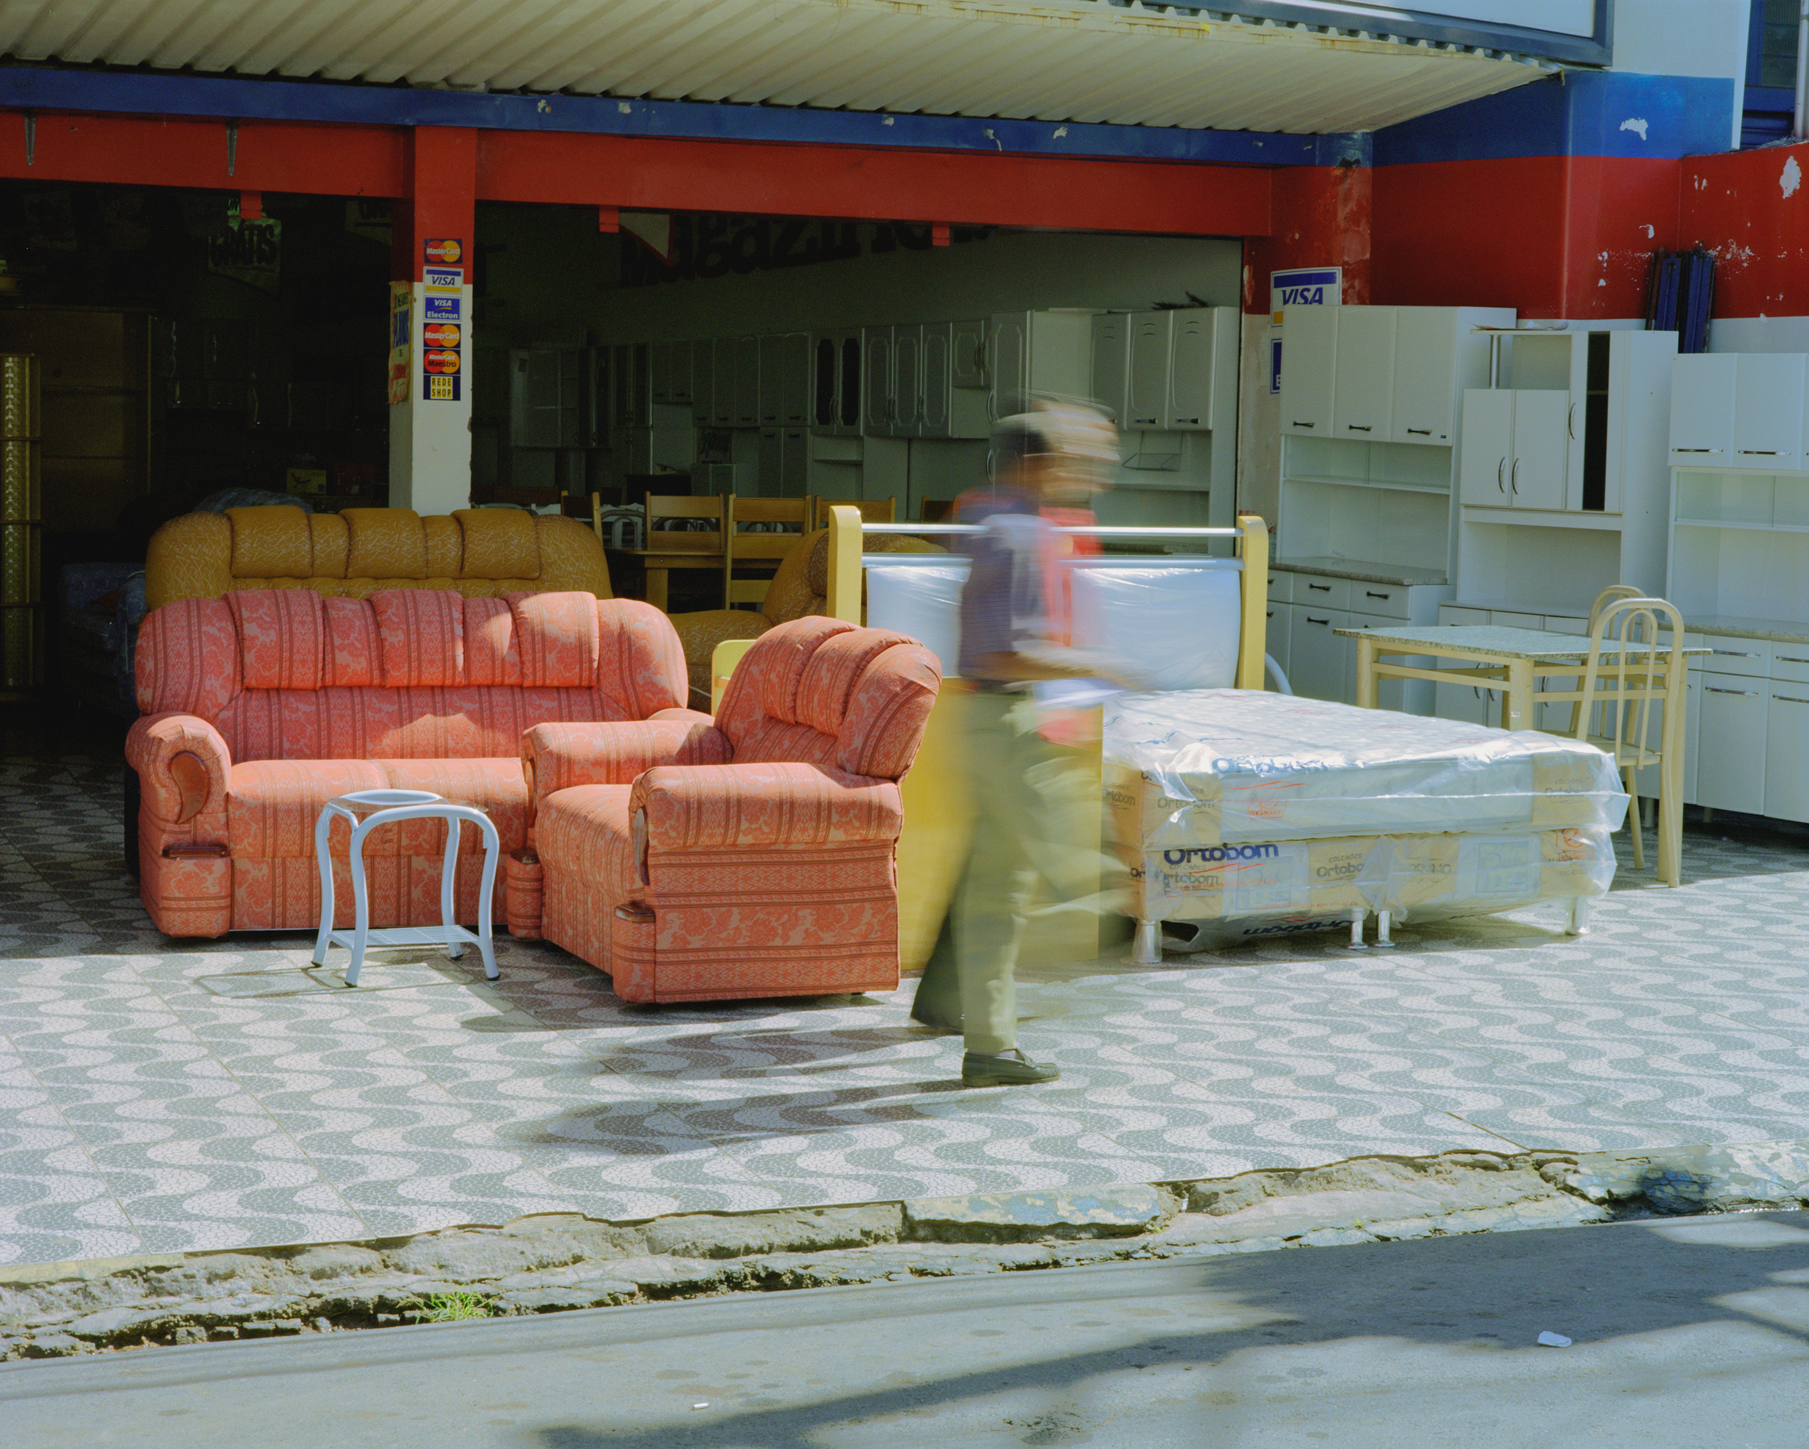 livingroom-in-the-street-web.jpg